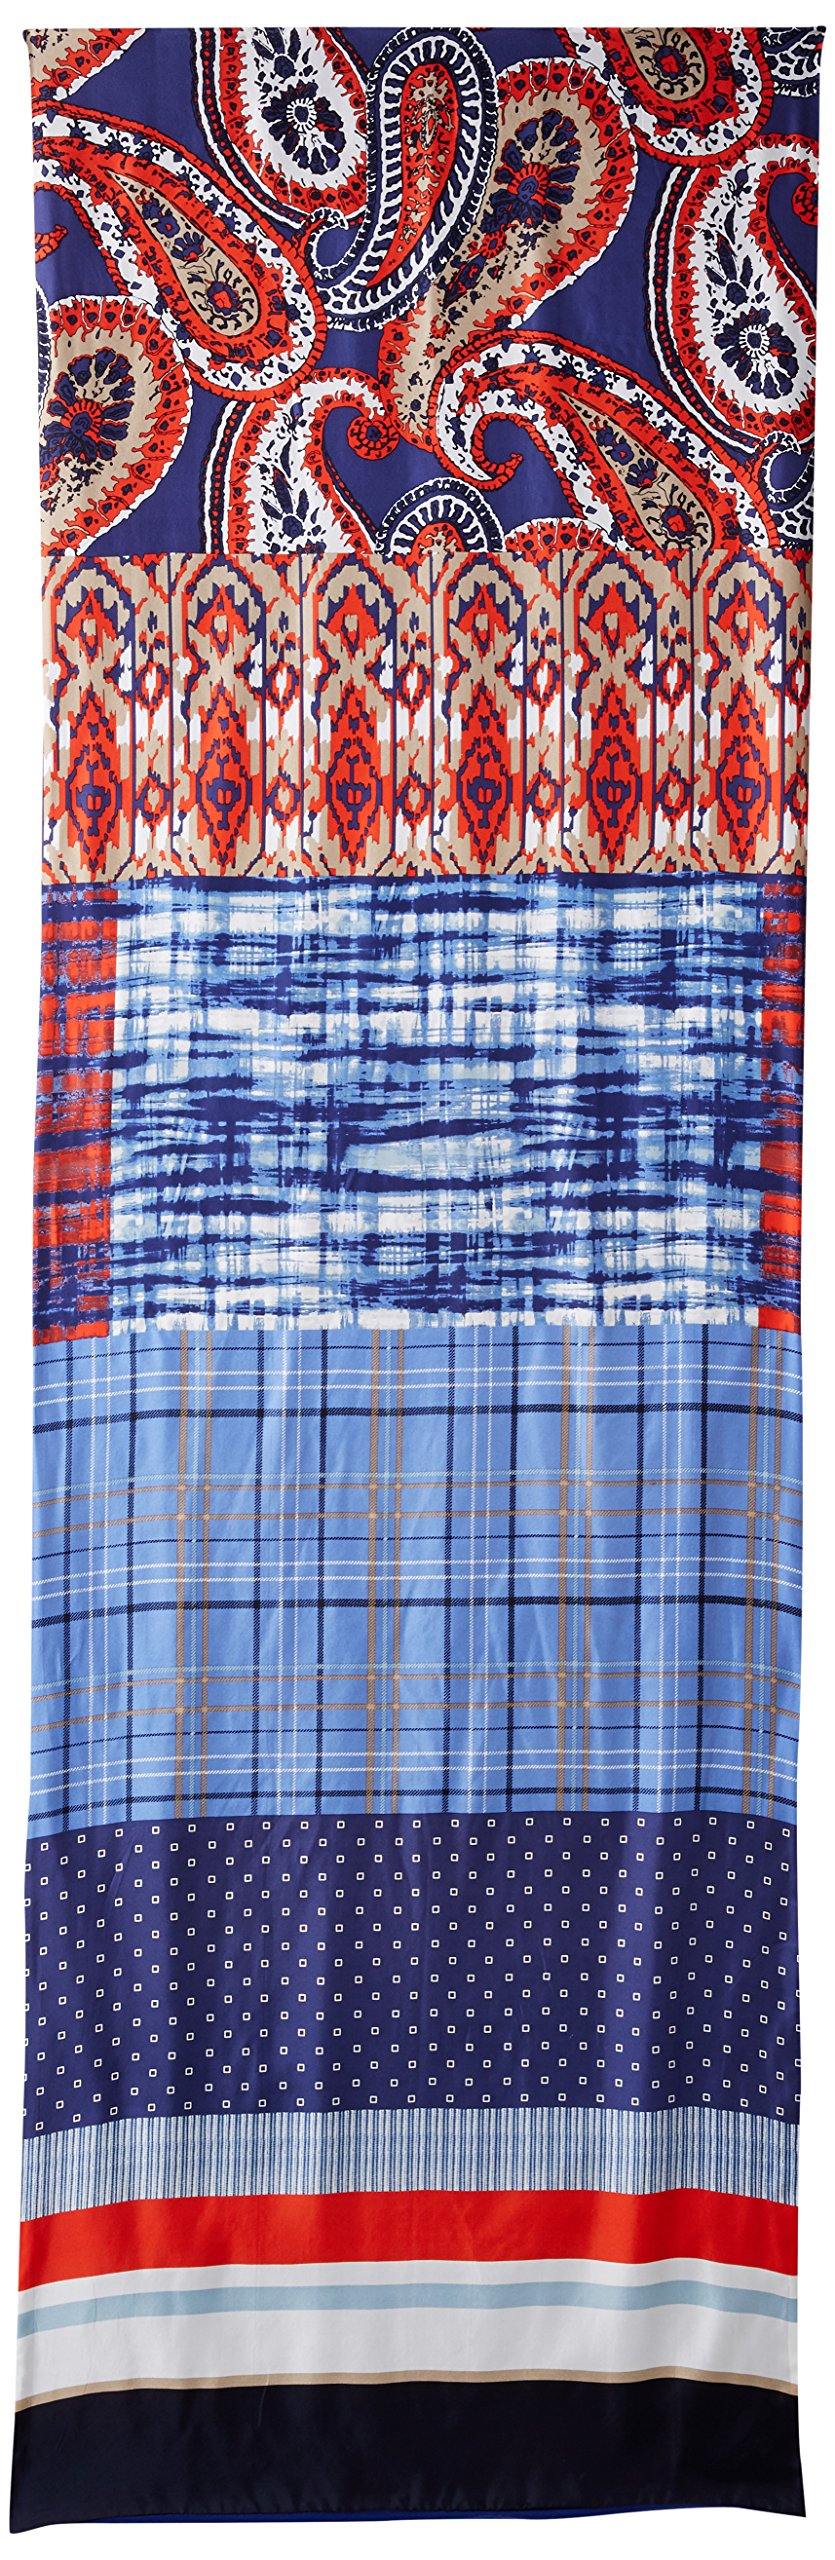 Bcbgmaxazria Women's Patchwork Wrap, Blue Depths, One Size by BCBGMAXAZRIA (Image #2)